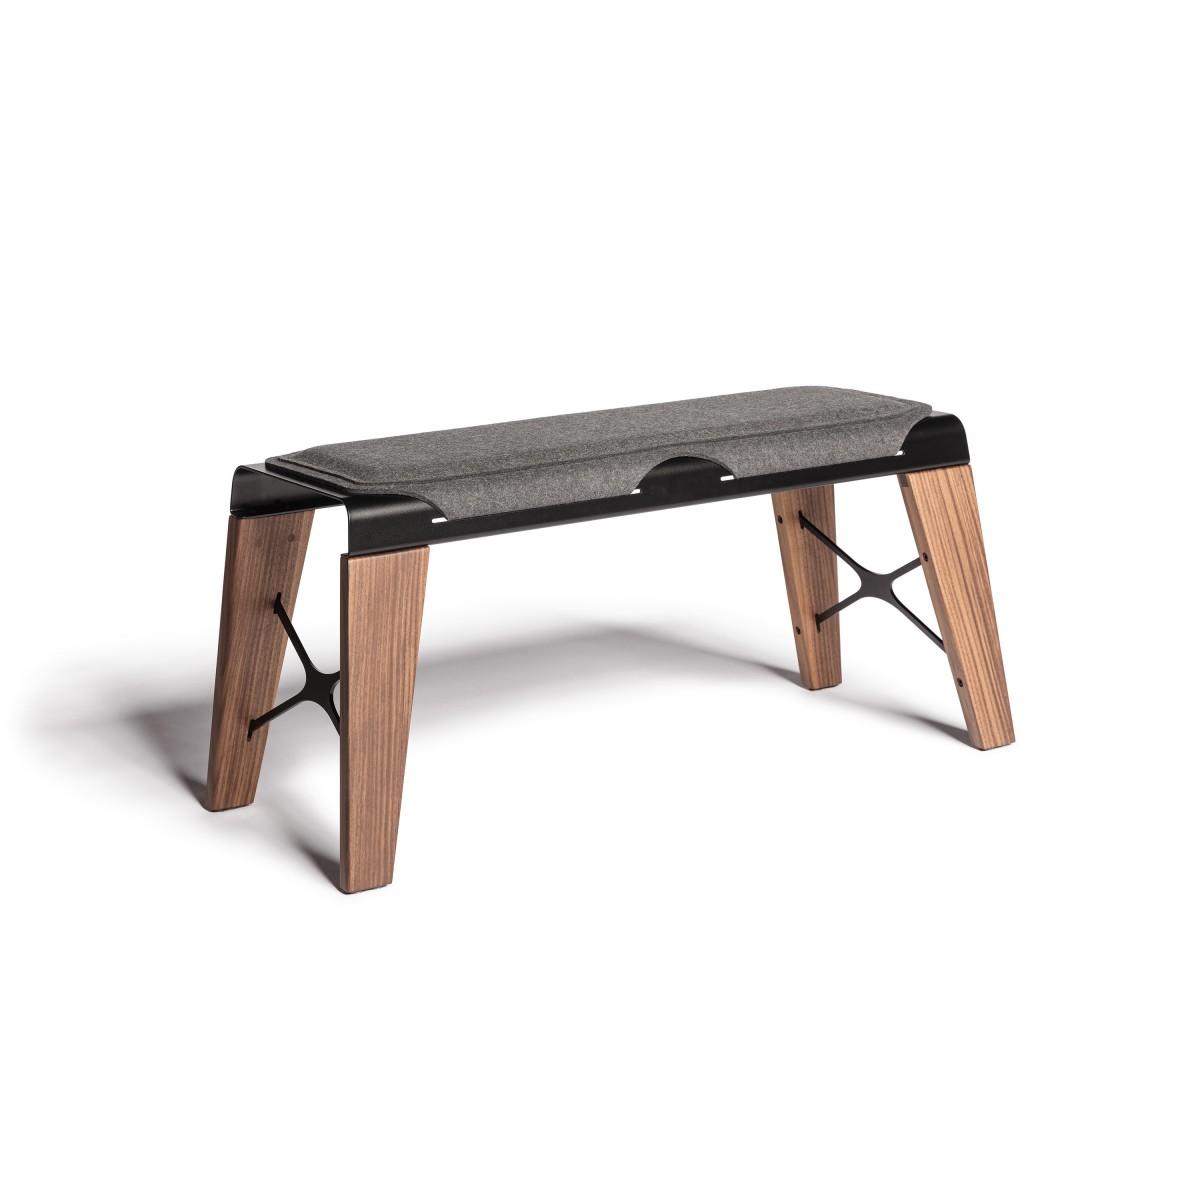 sitzbank boonk 1000 nussbaum verkehrsschwarz. Black Bedroom Furniture Sets. Home Design Ideas